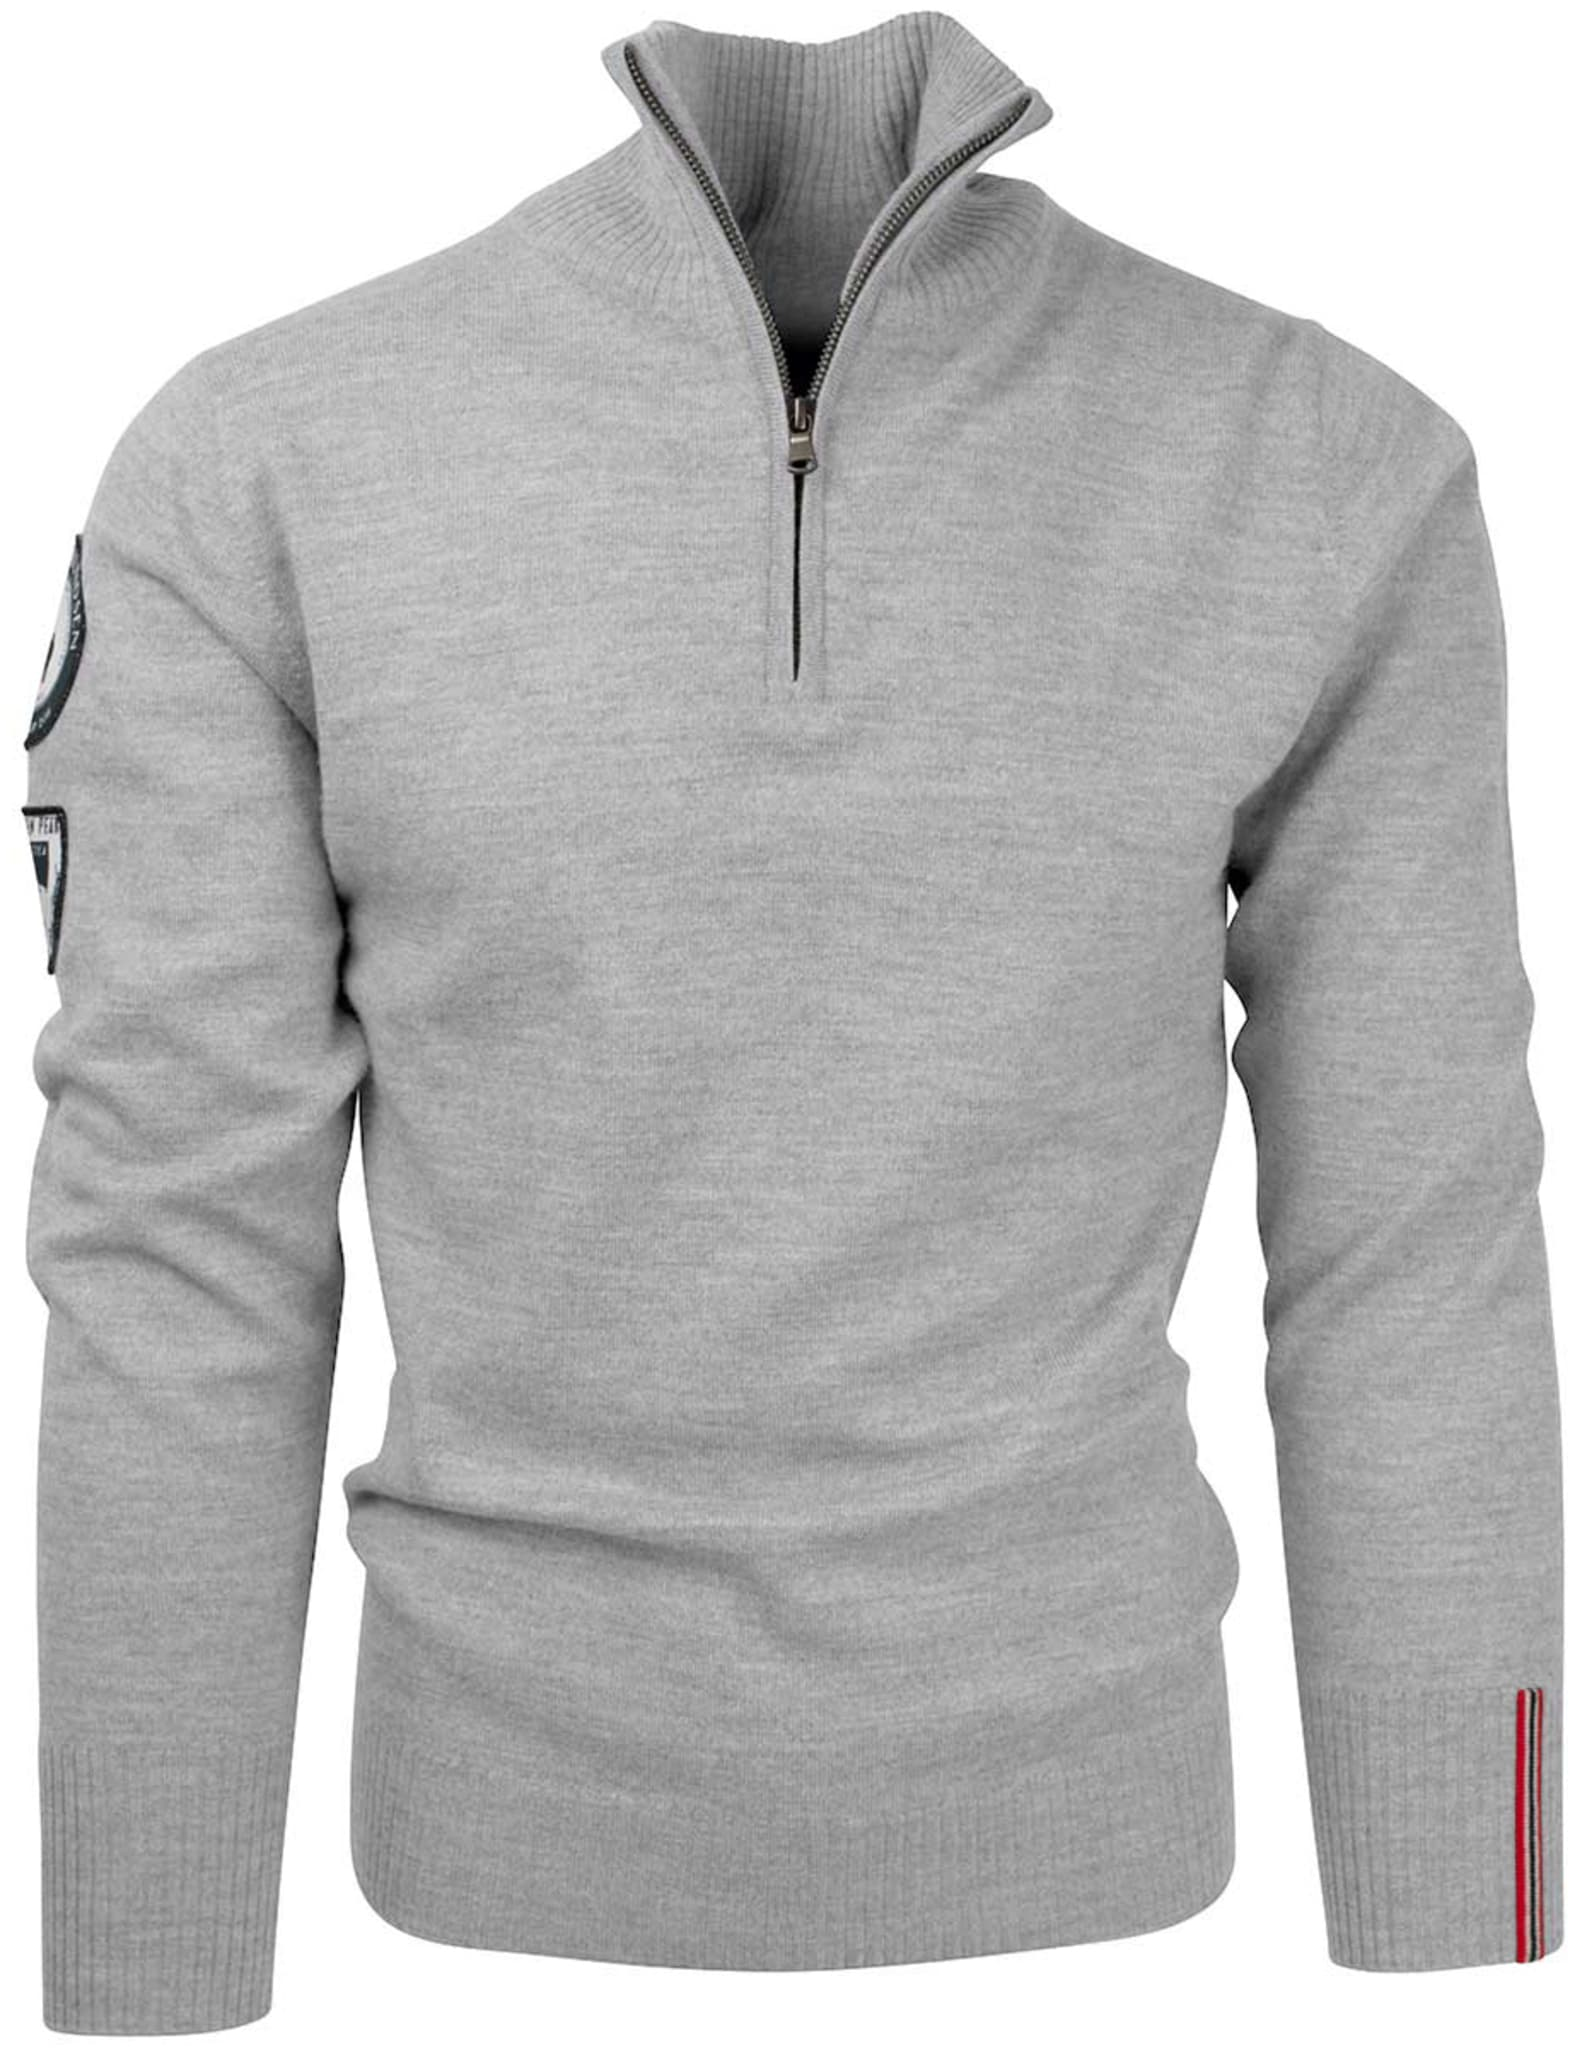 Myk og komfortabel genser i 100% høykvalitets merinoull